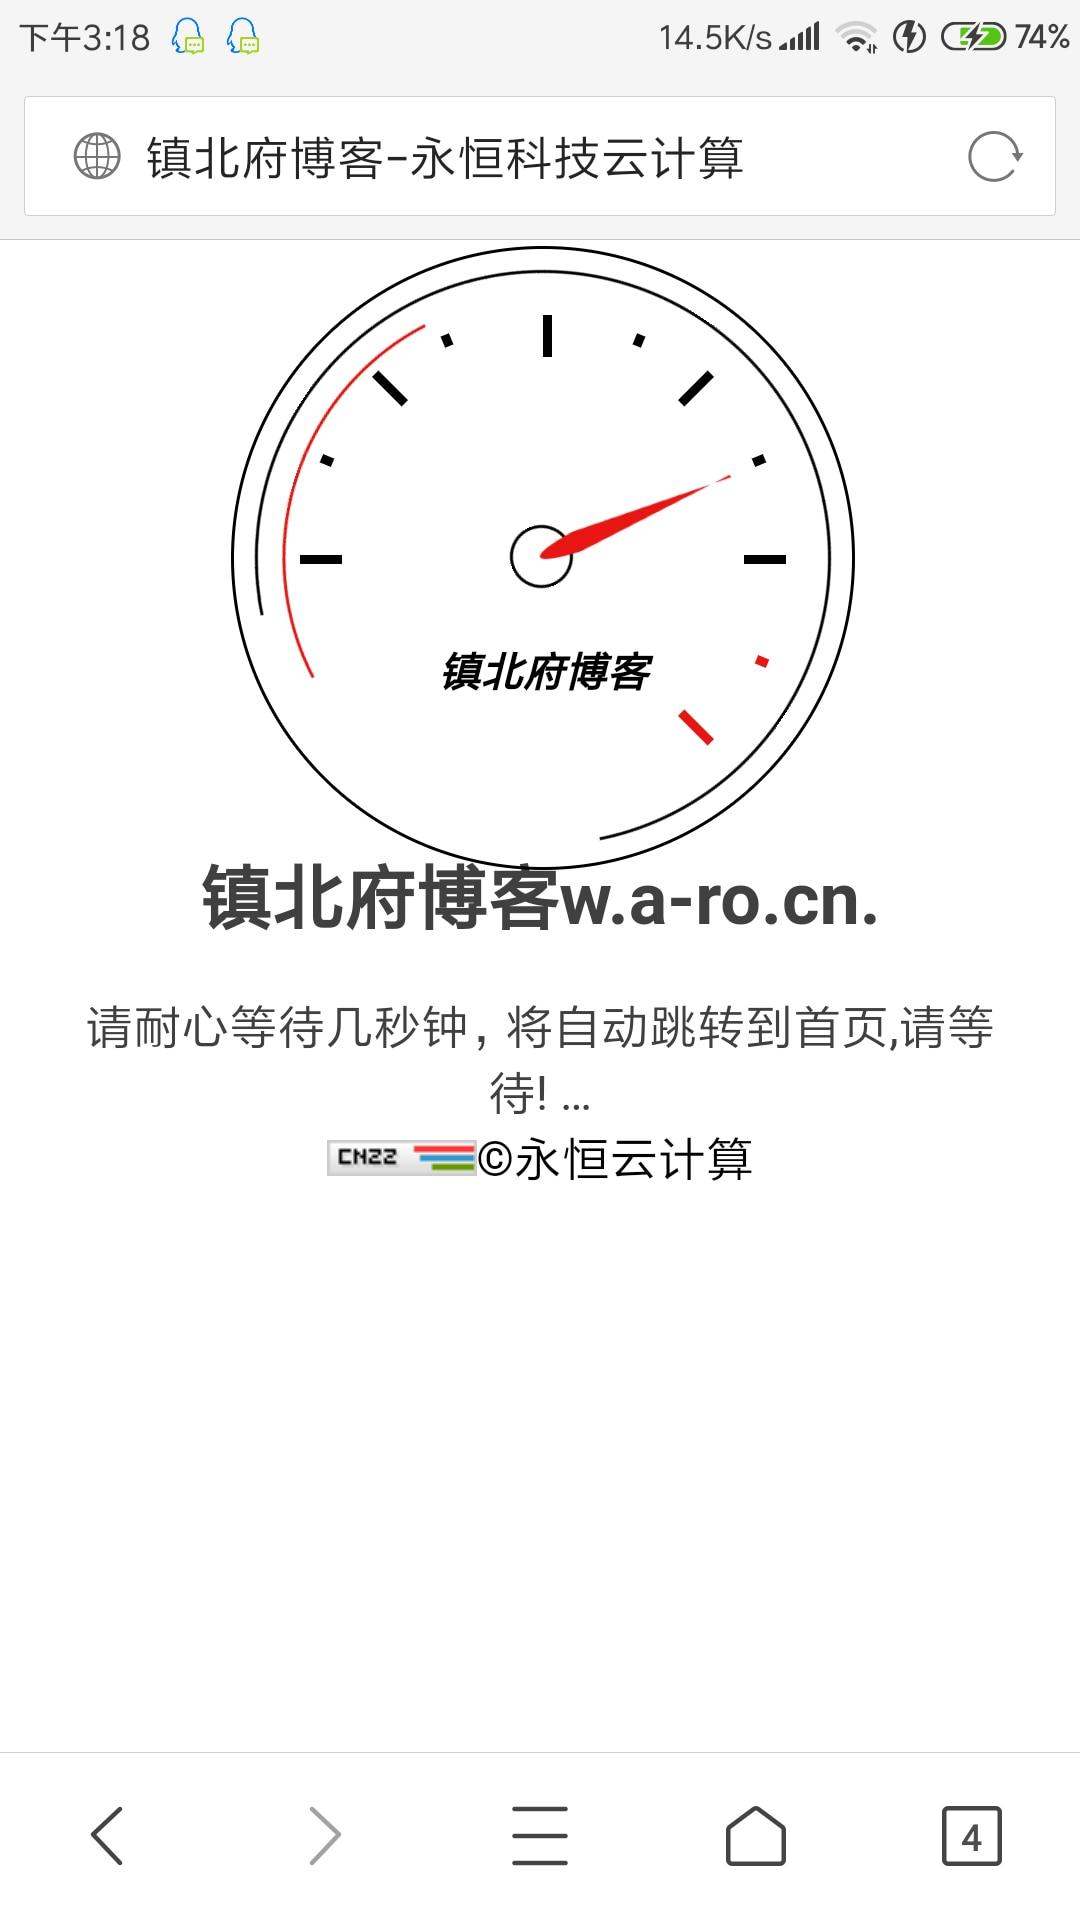 SWAP云中心单页程序